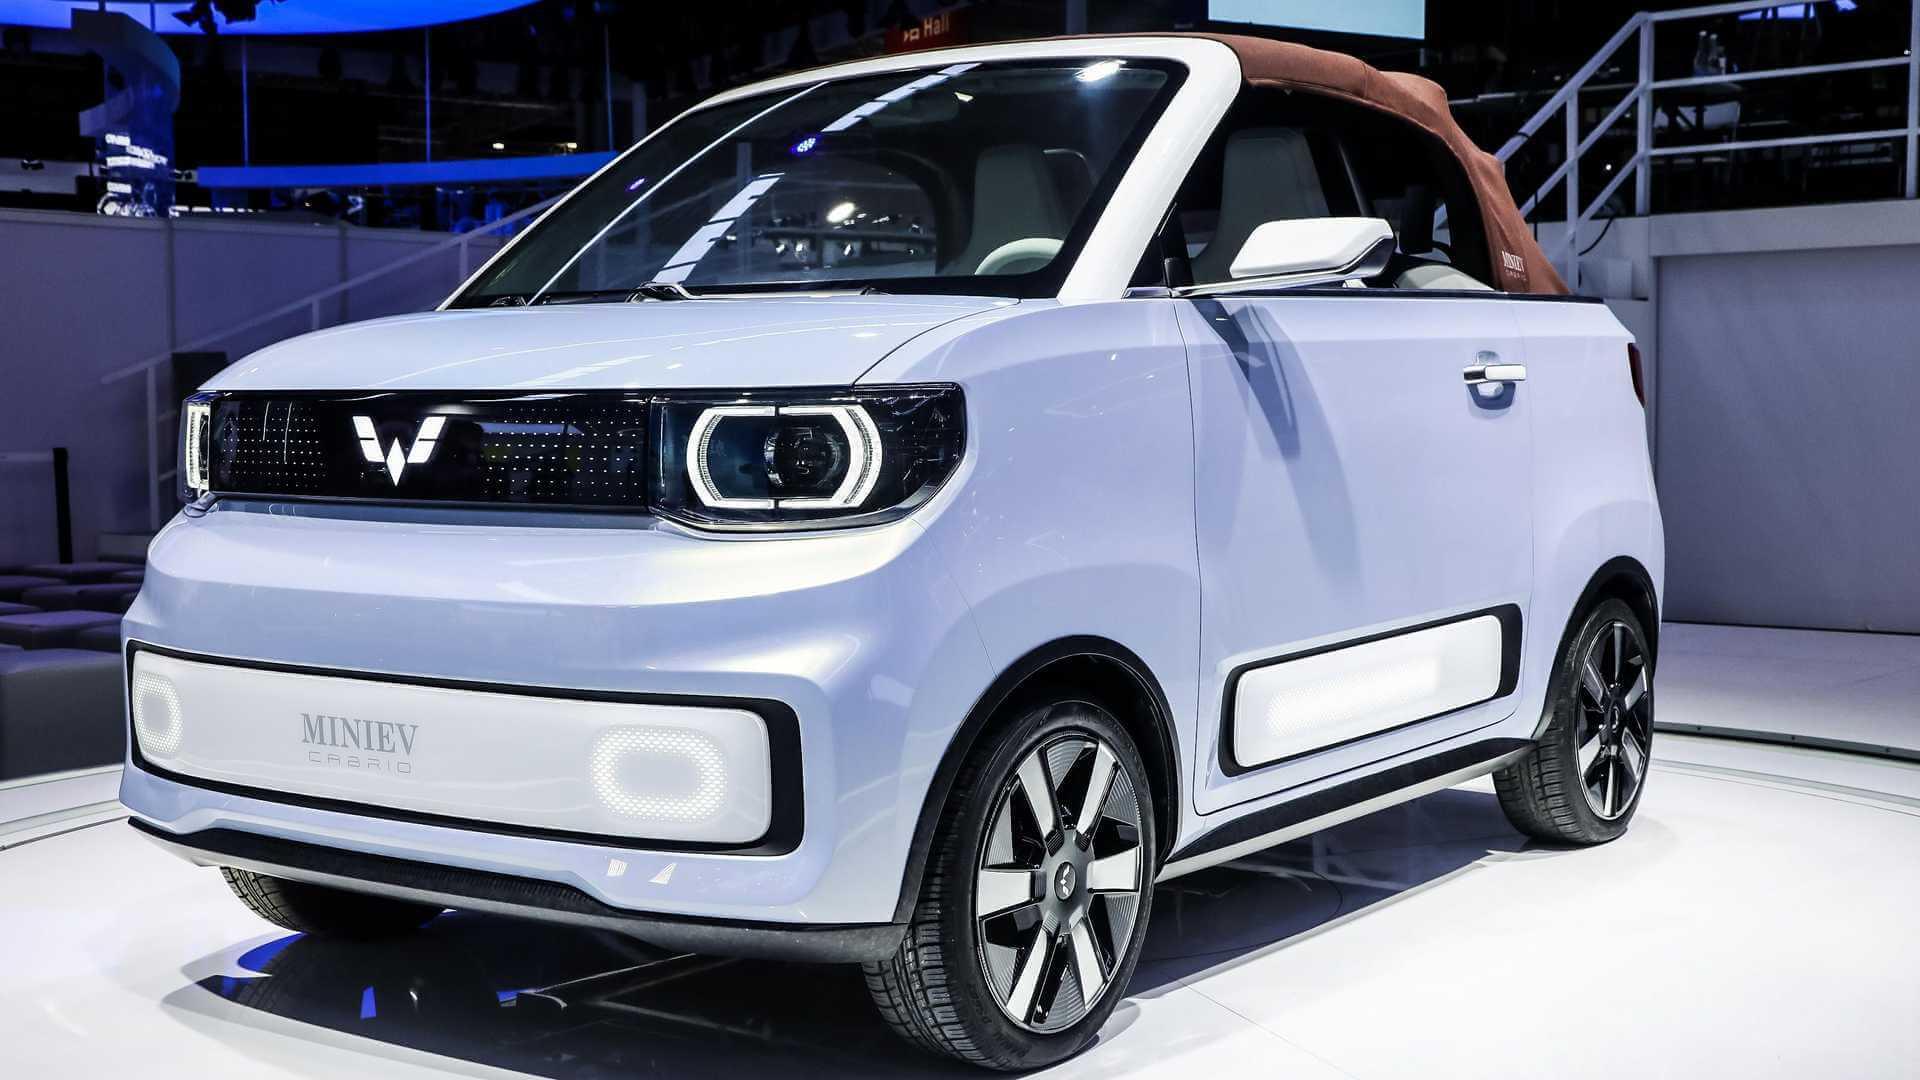 Самый популярный электрический миникар Китая получил версию Cabrio